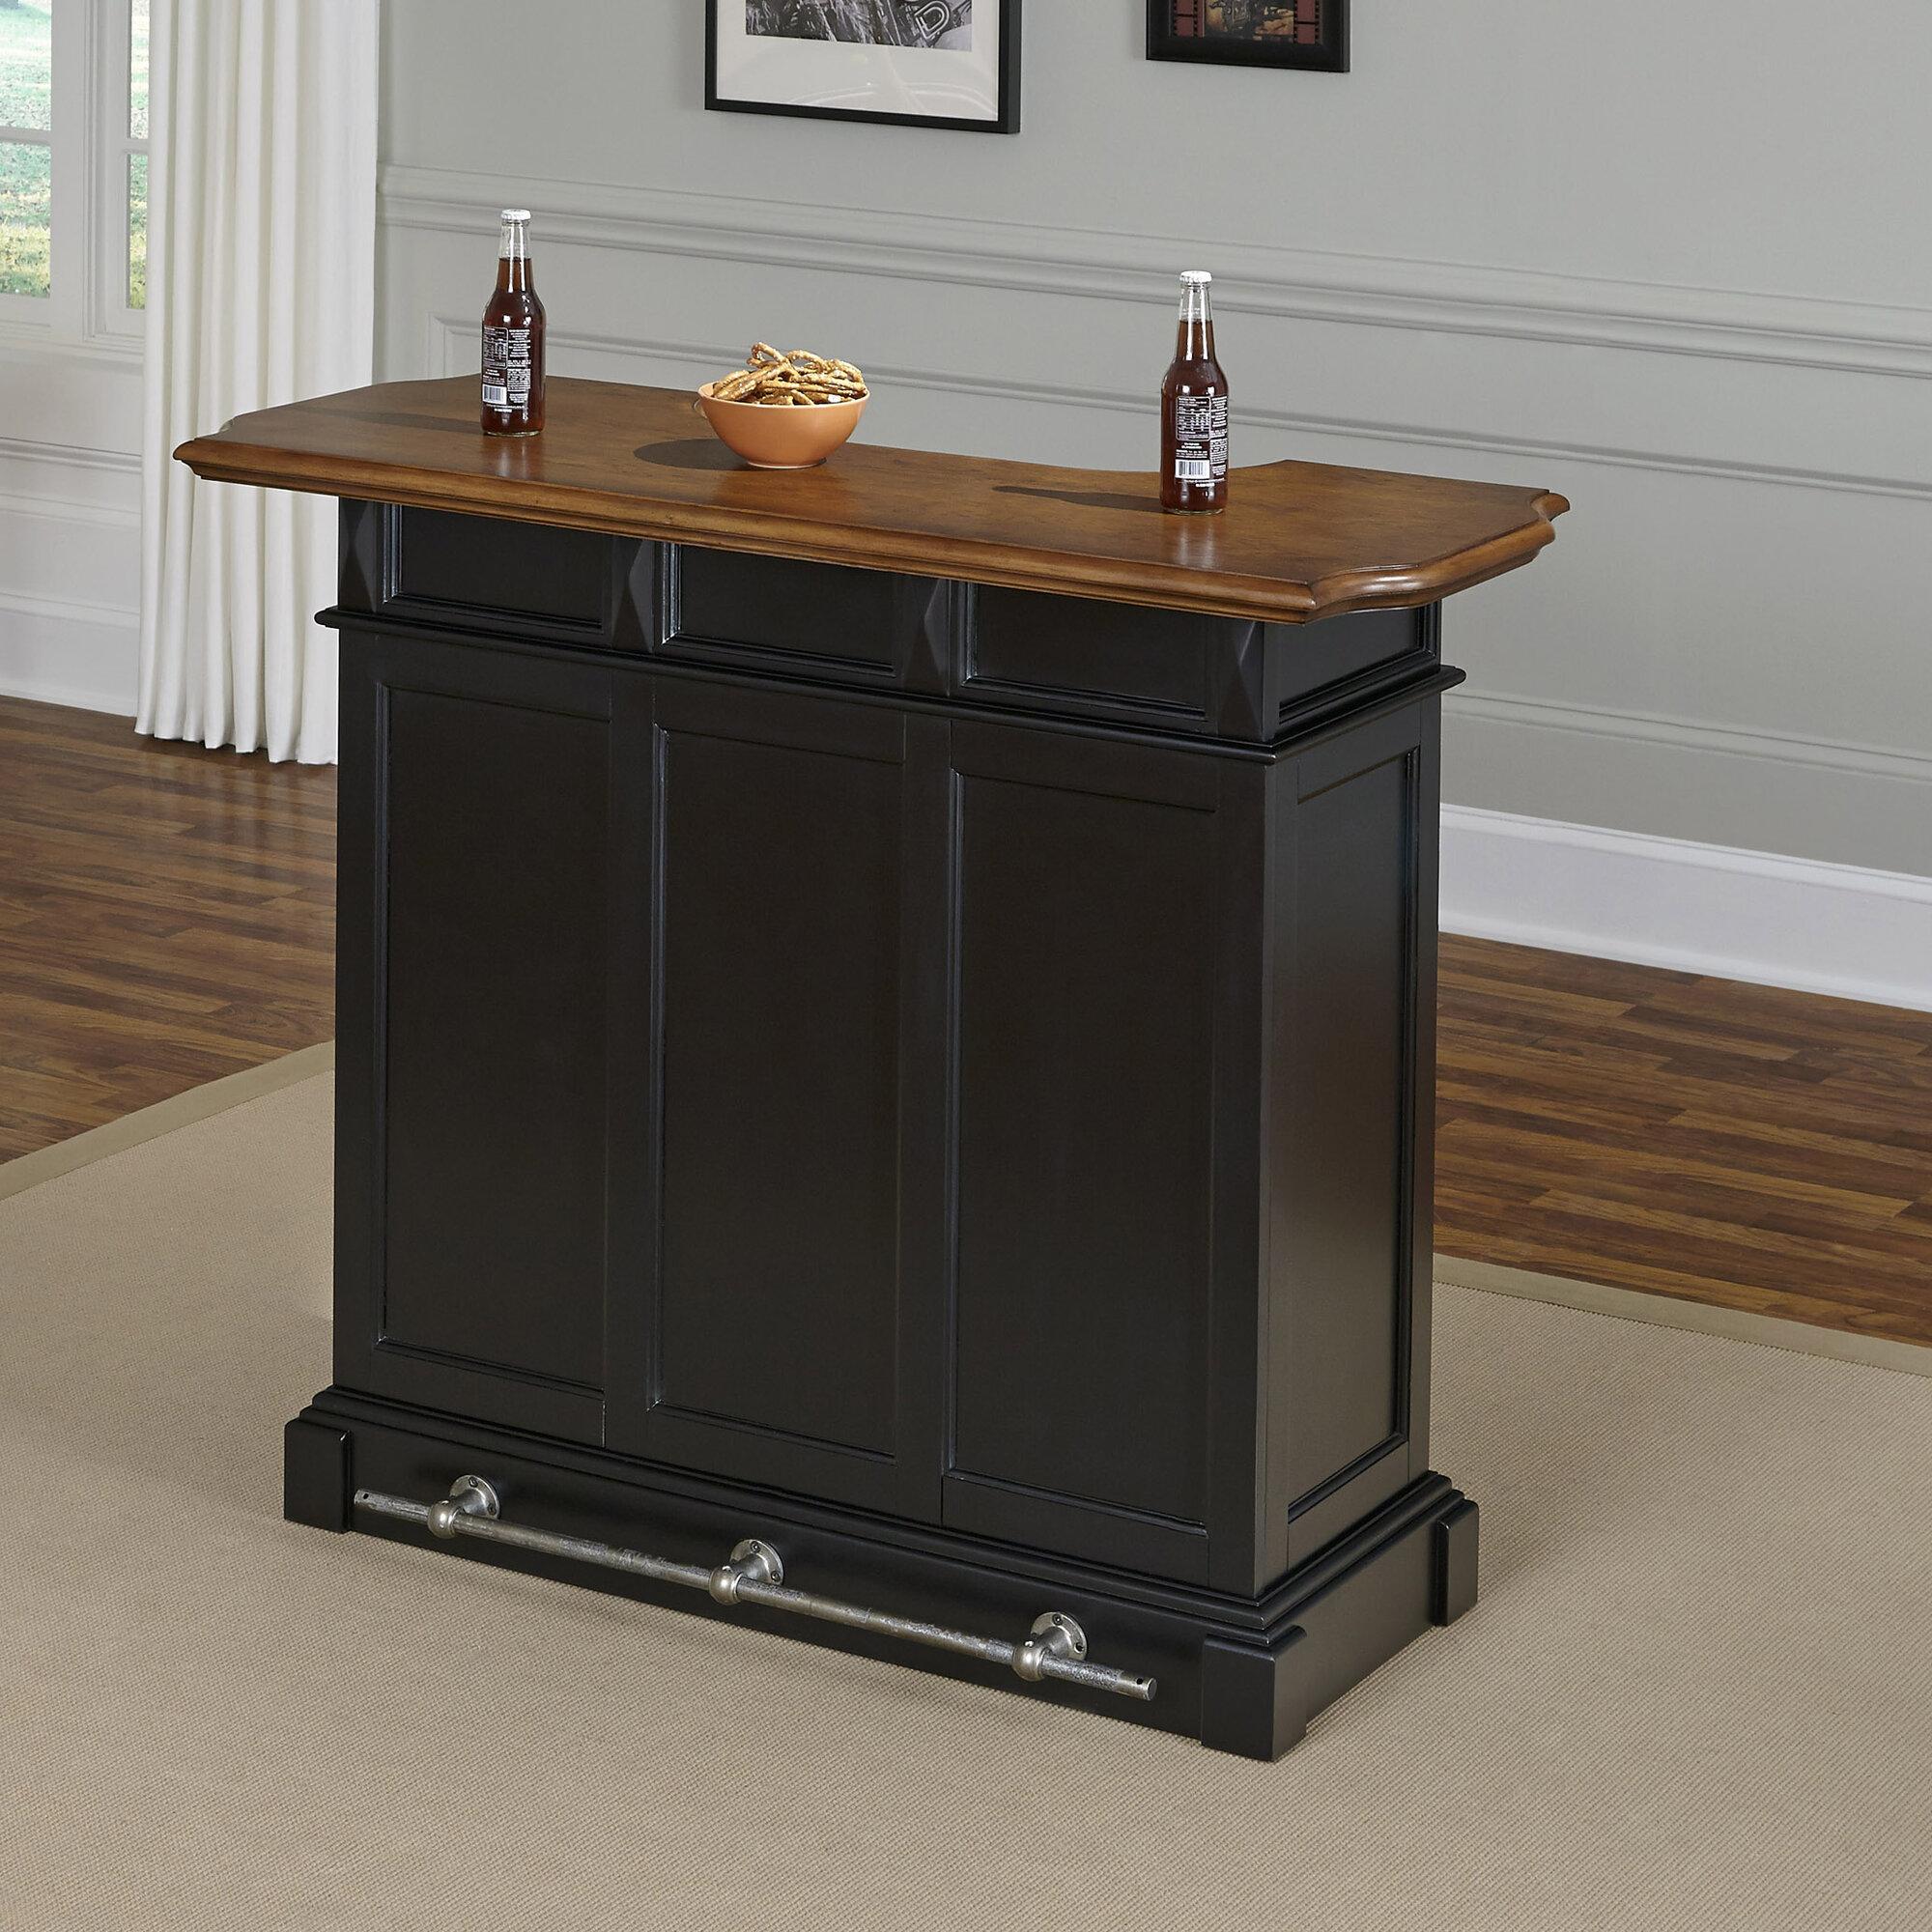 Bar Furniture Home: Home Styles Americana Home Bar